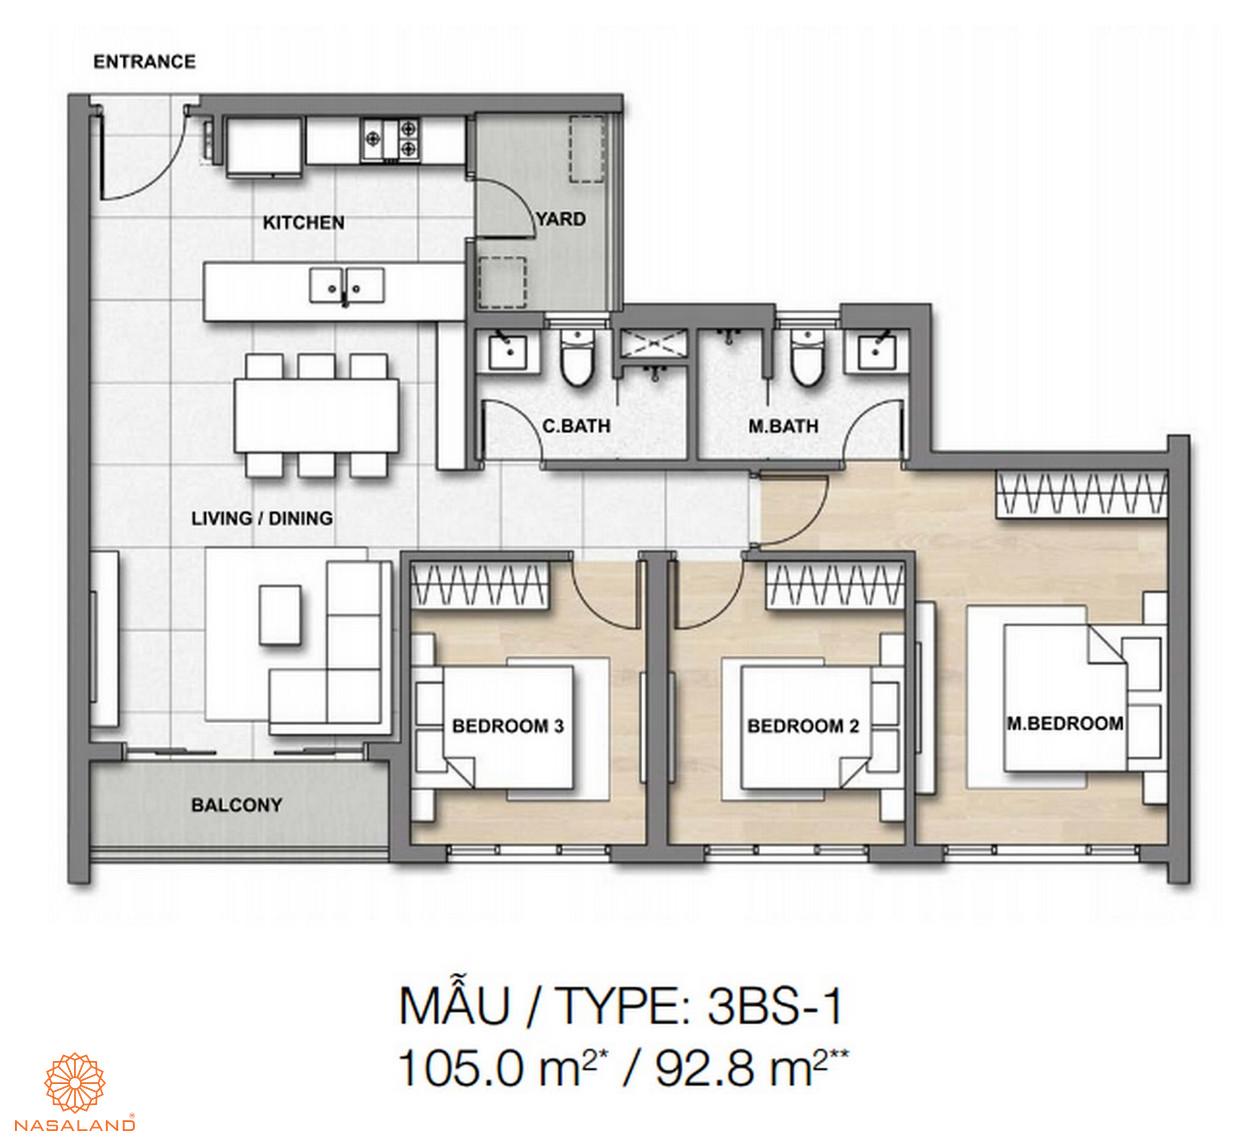 Mẫu thiết kế căn hộ Palm Springs số 5